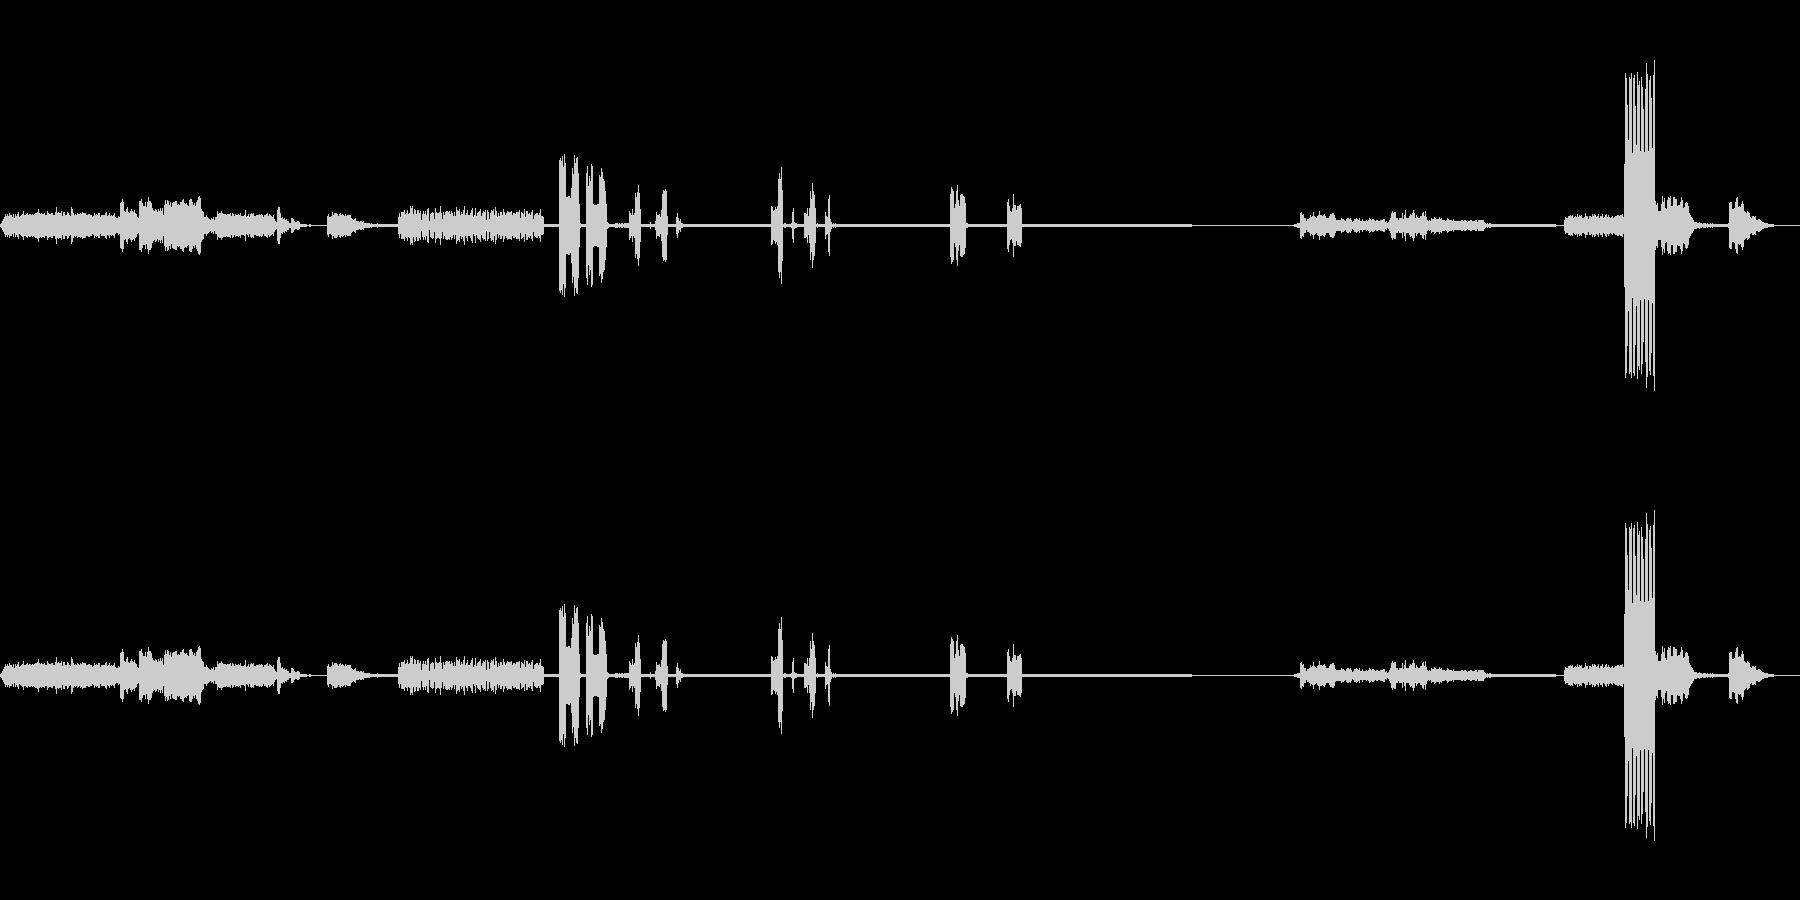 ラボコンピュータのビープ音。プリン...の未再生の波形